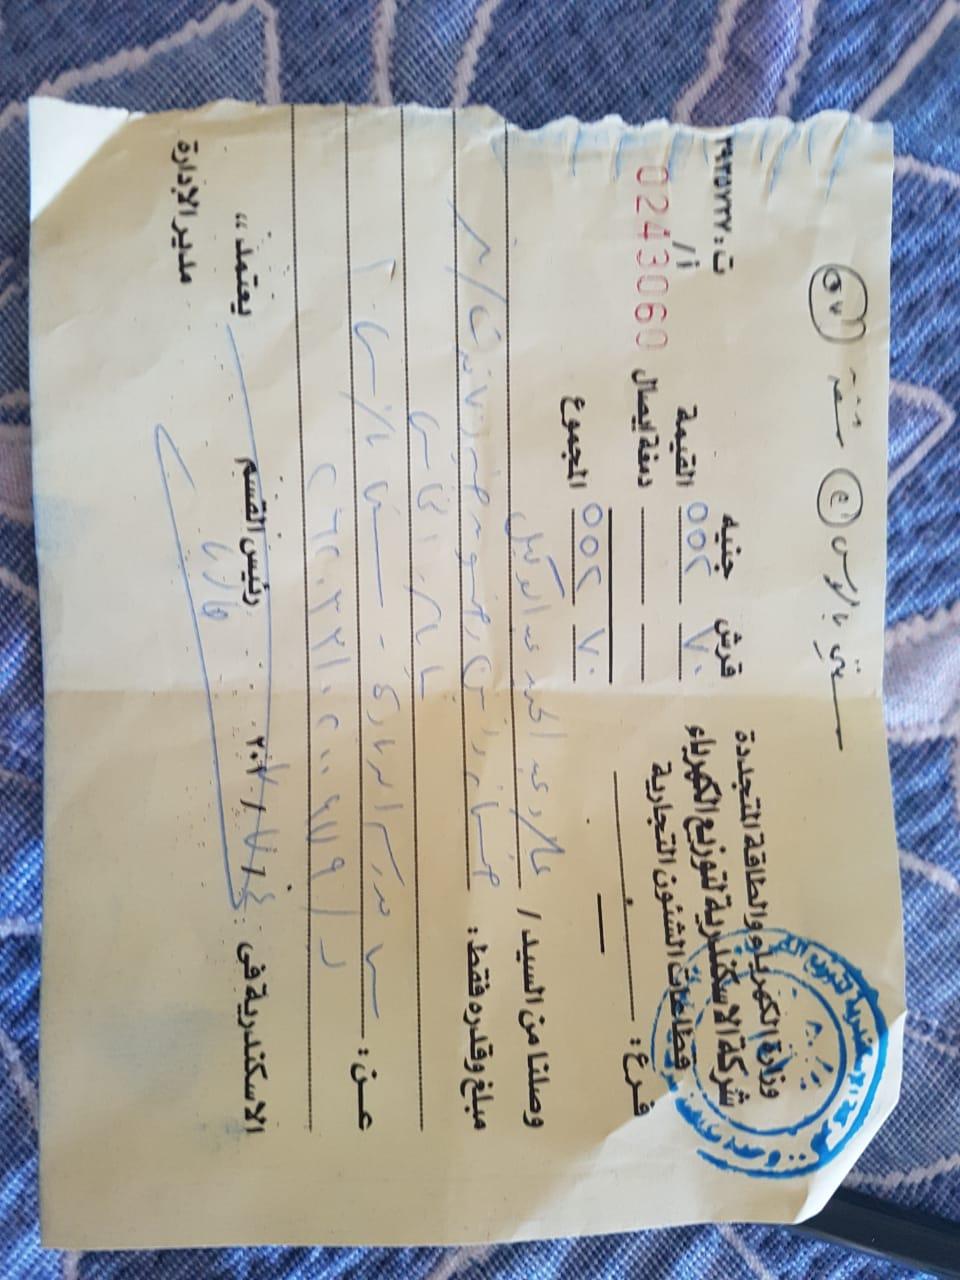 أزمة مشروع سيتي بالاس بالإسكندرية (41)